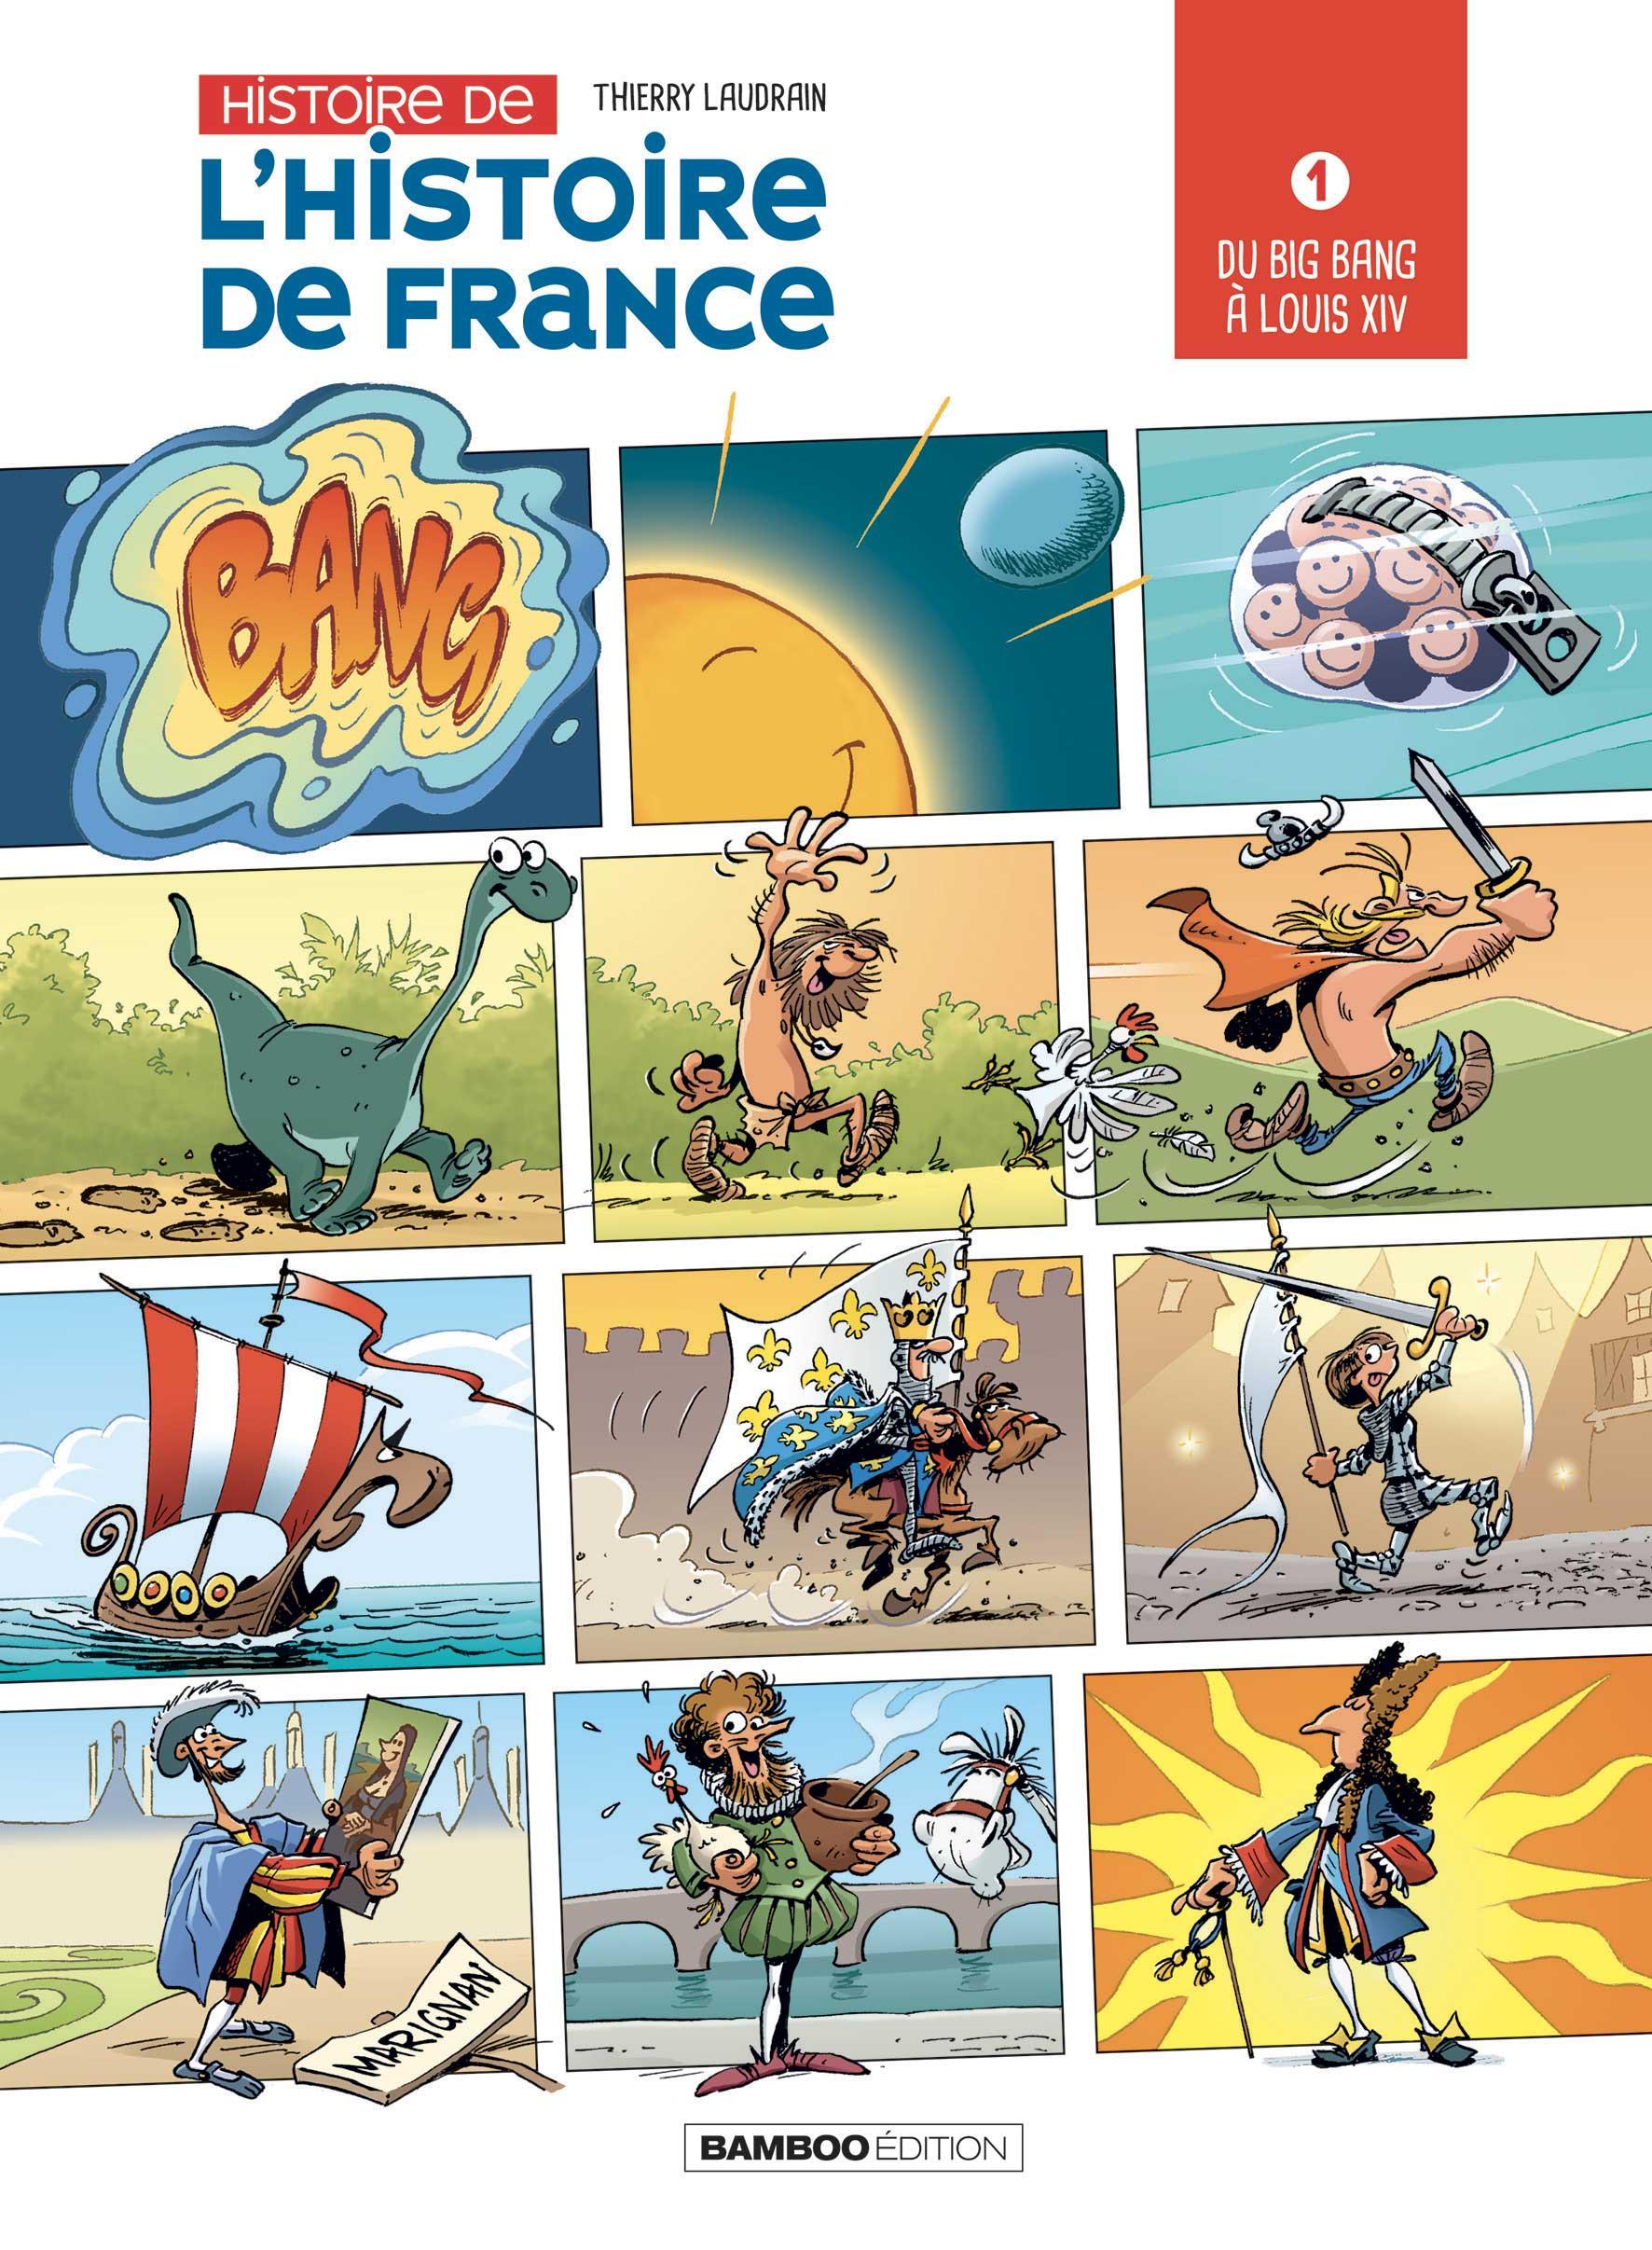 couverture histoire des histoire de France